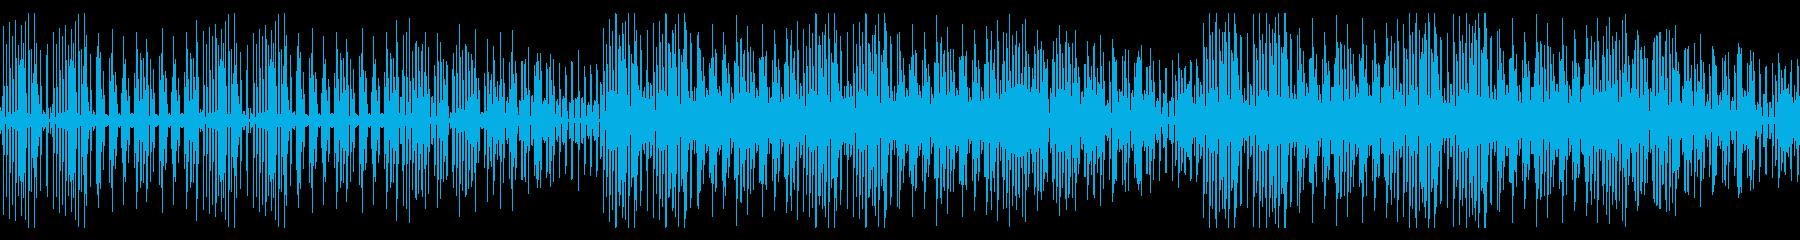 【ループ版】YouTube コミカルの再生済みの波形